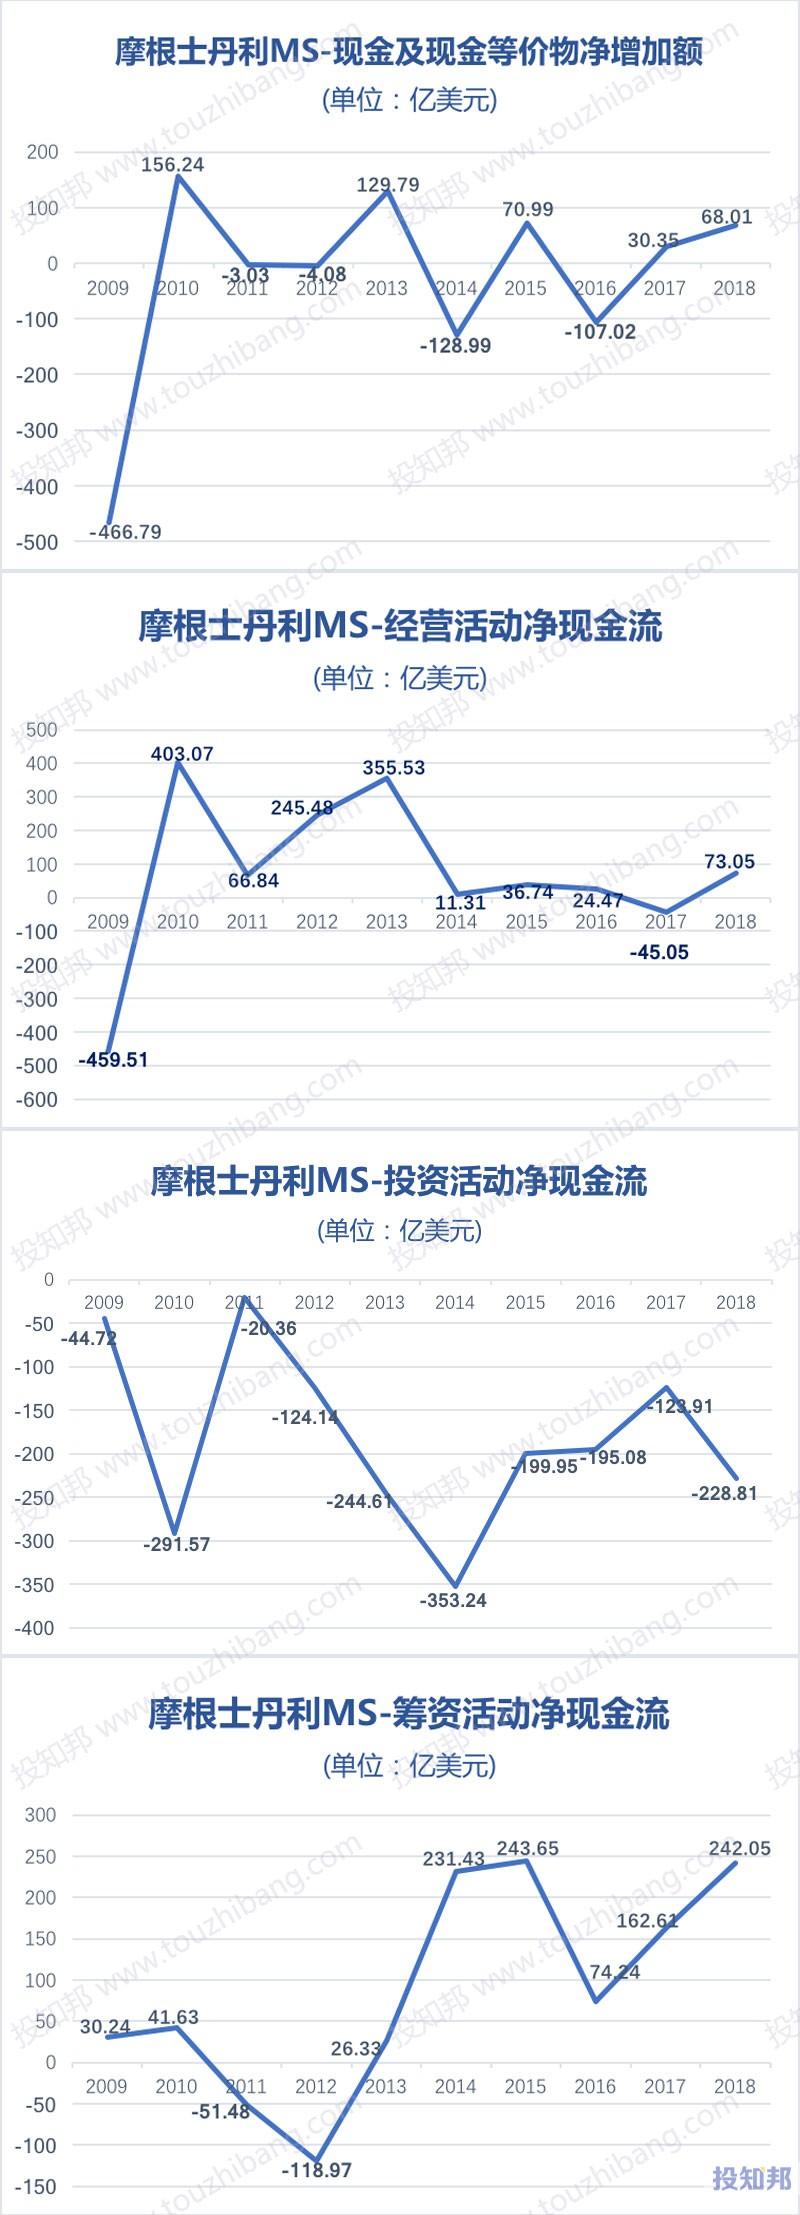 图解摩根士丹利(MS)财报数据(2009年~2019年Q3)